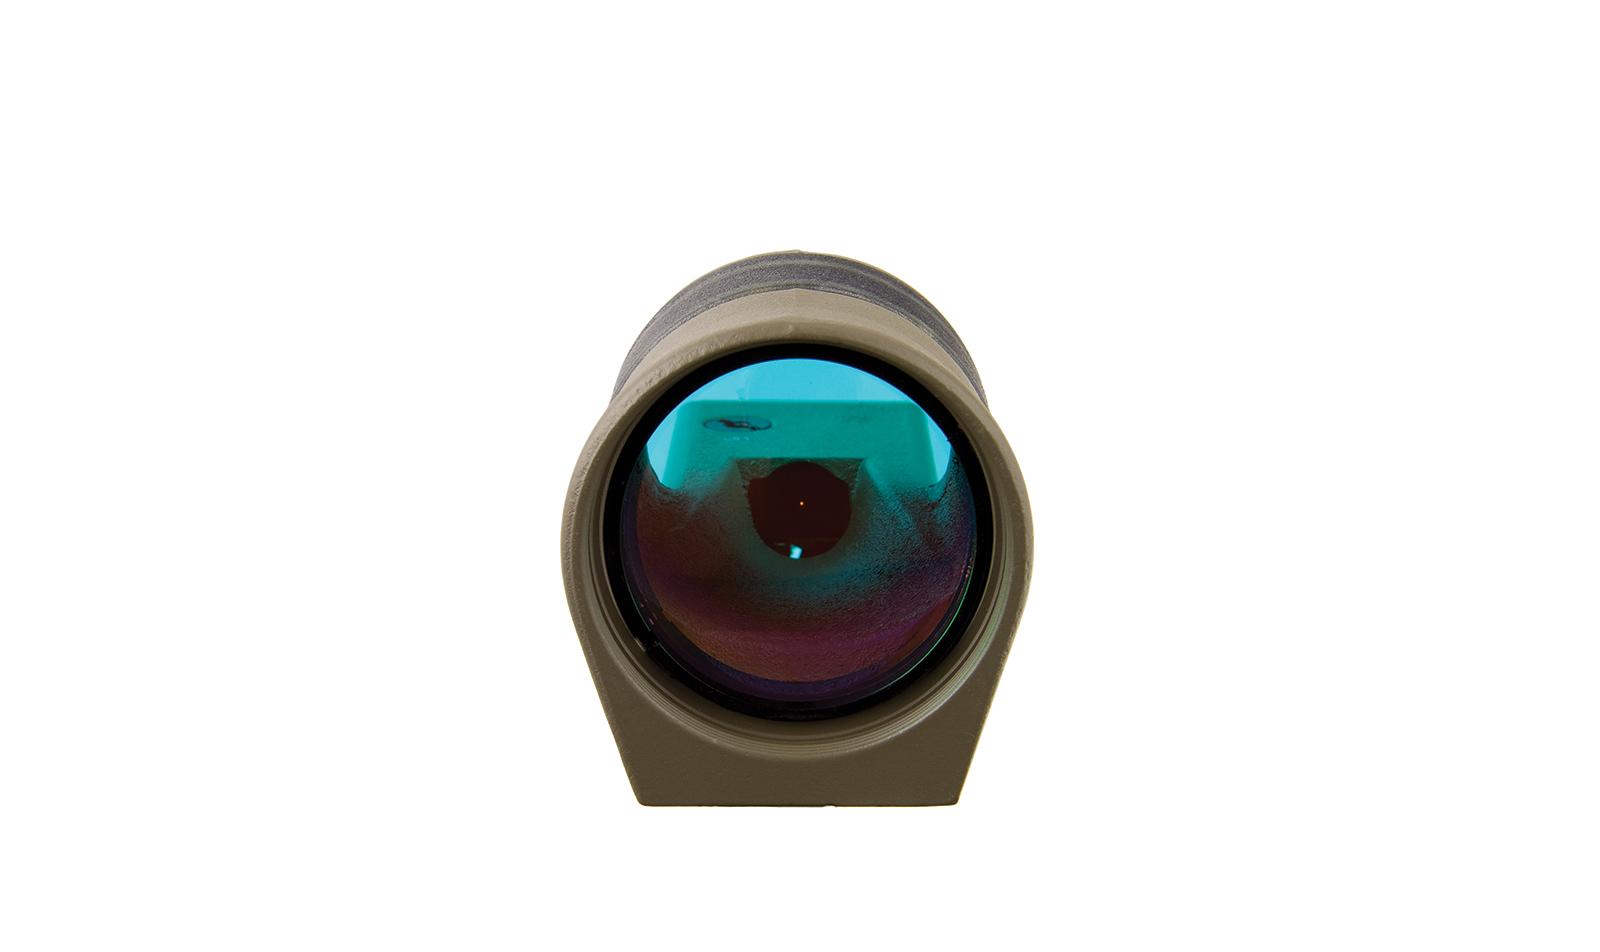 RX34-C-800094 angle 8